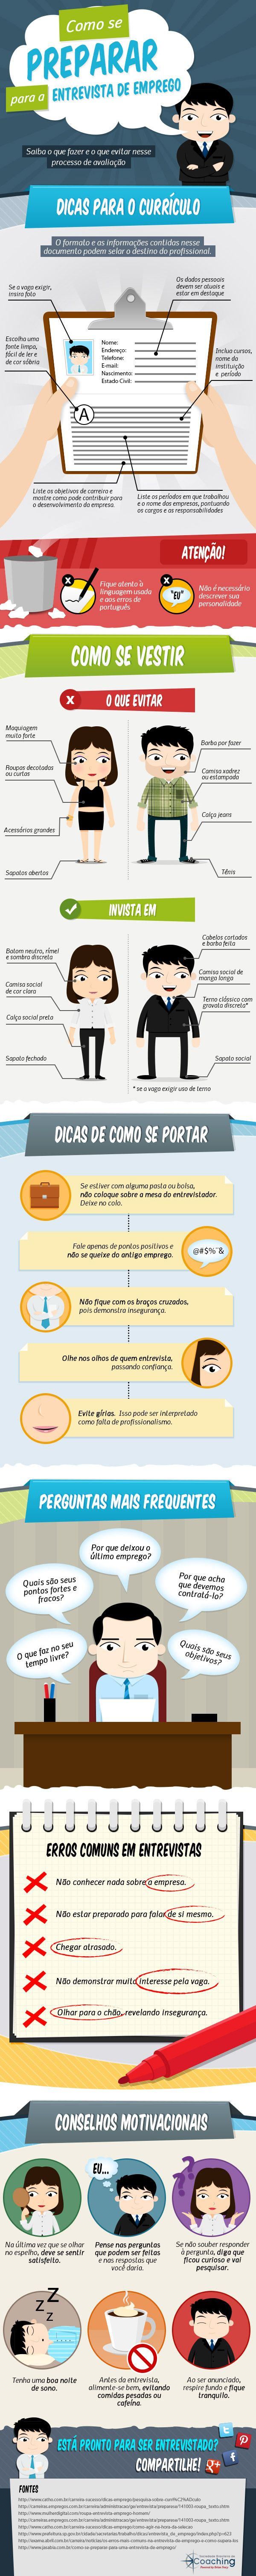 #HR Infográfico com dicas para entrevista de emprego – SBCoaching.com.br